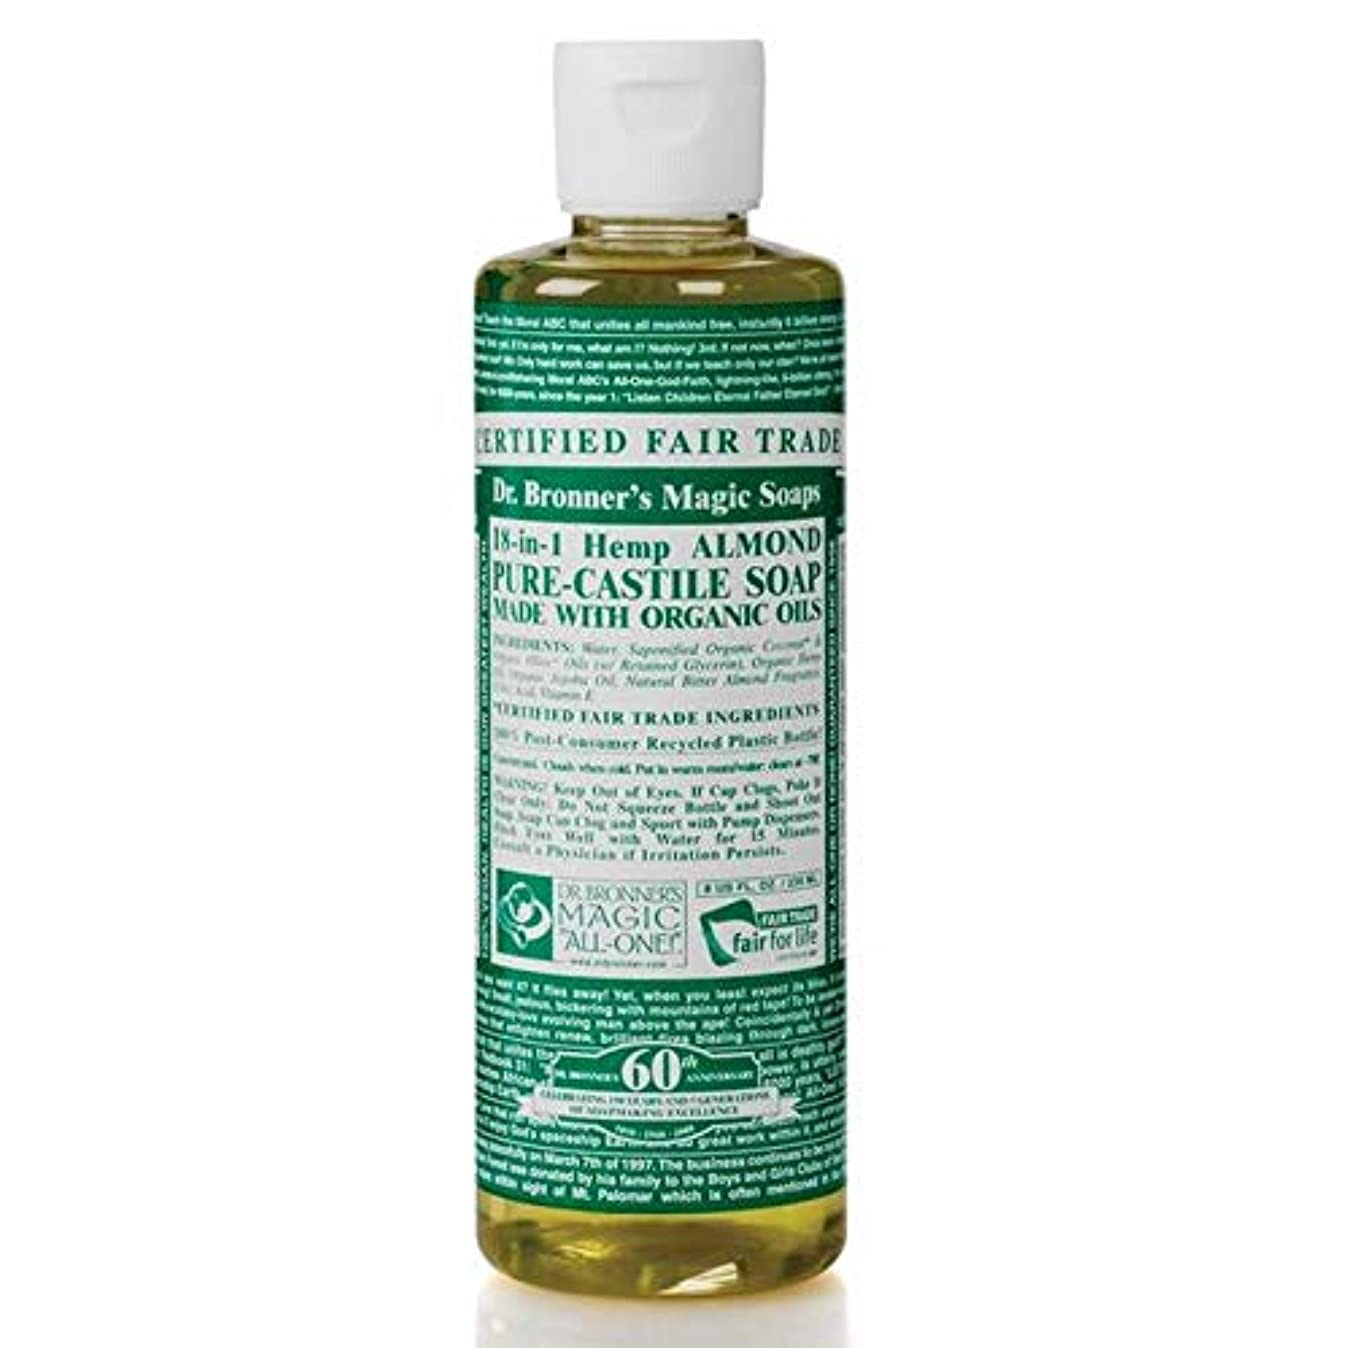 キャッチ周波数対象[Dr Bronner] Dr。ブロナーズ有機アーモンドカスティーリャ液体石鹸473ミリリットル - Dr. Bronner's Organic Almond Castile Liquid Soap 473ml [並行輸入品]